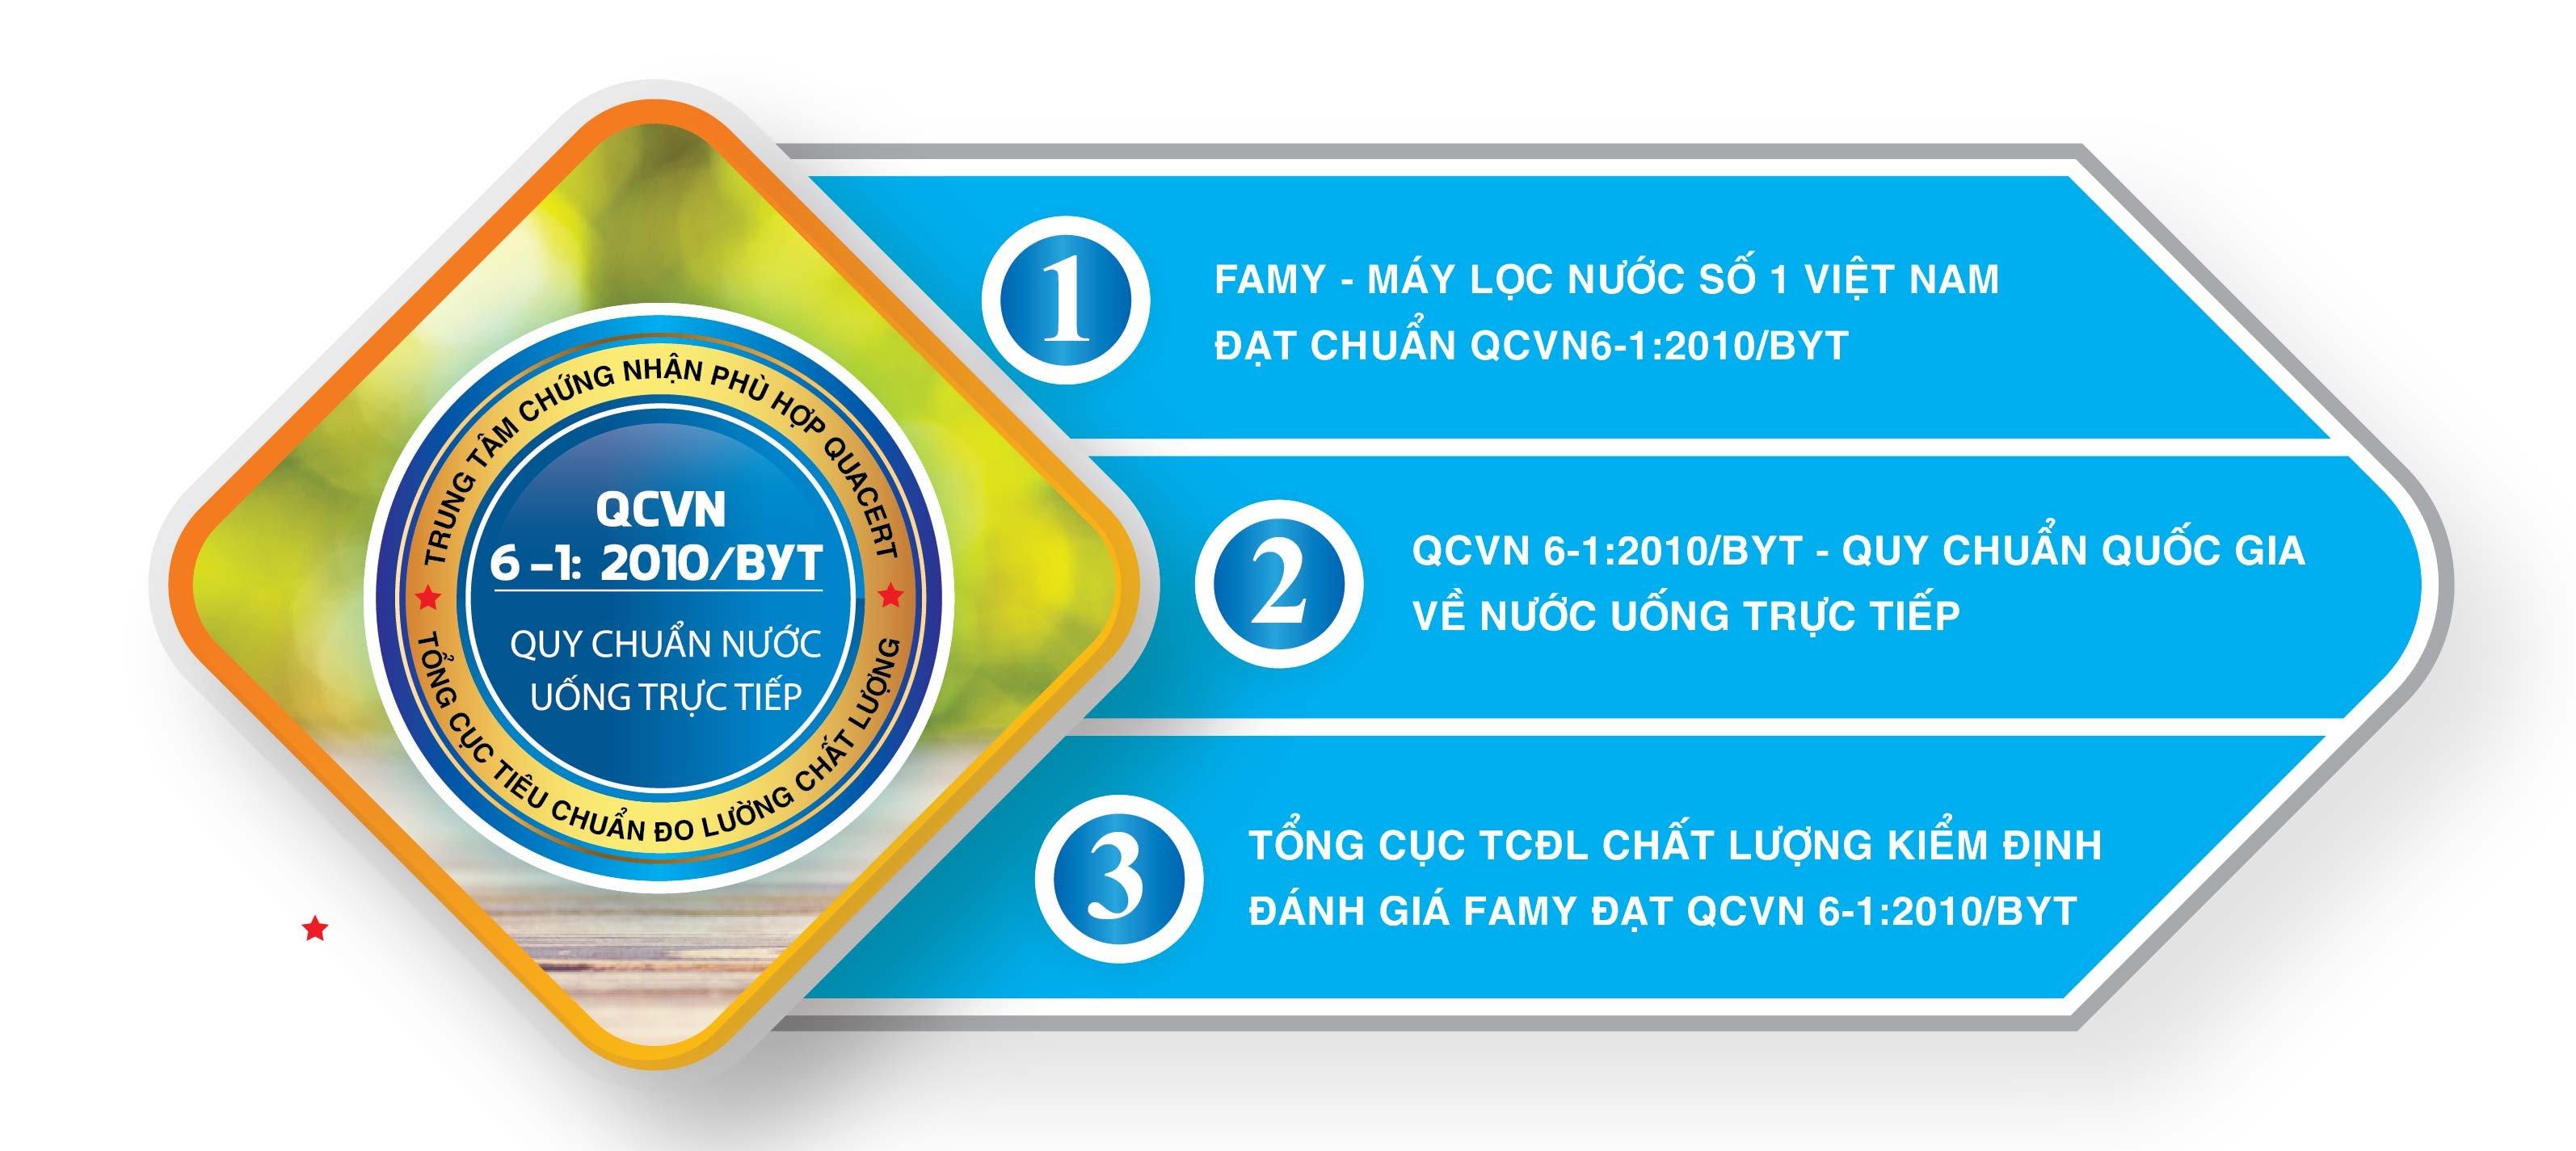 Máy lọc nước Famy đạt tiêu chuẩn nước uống trực tiếp QCVN 6-1:2010/BYT